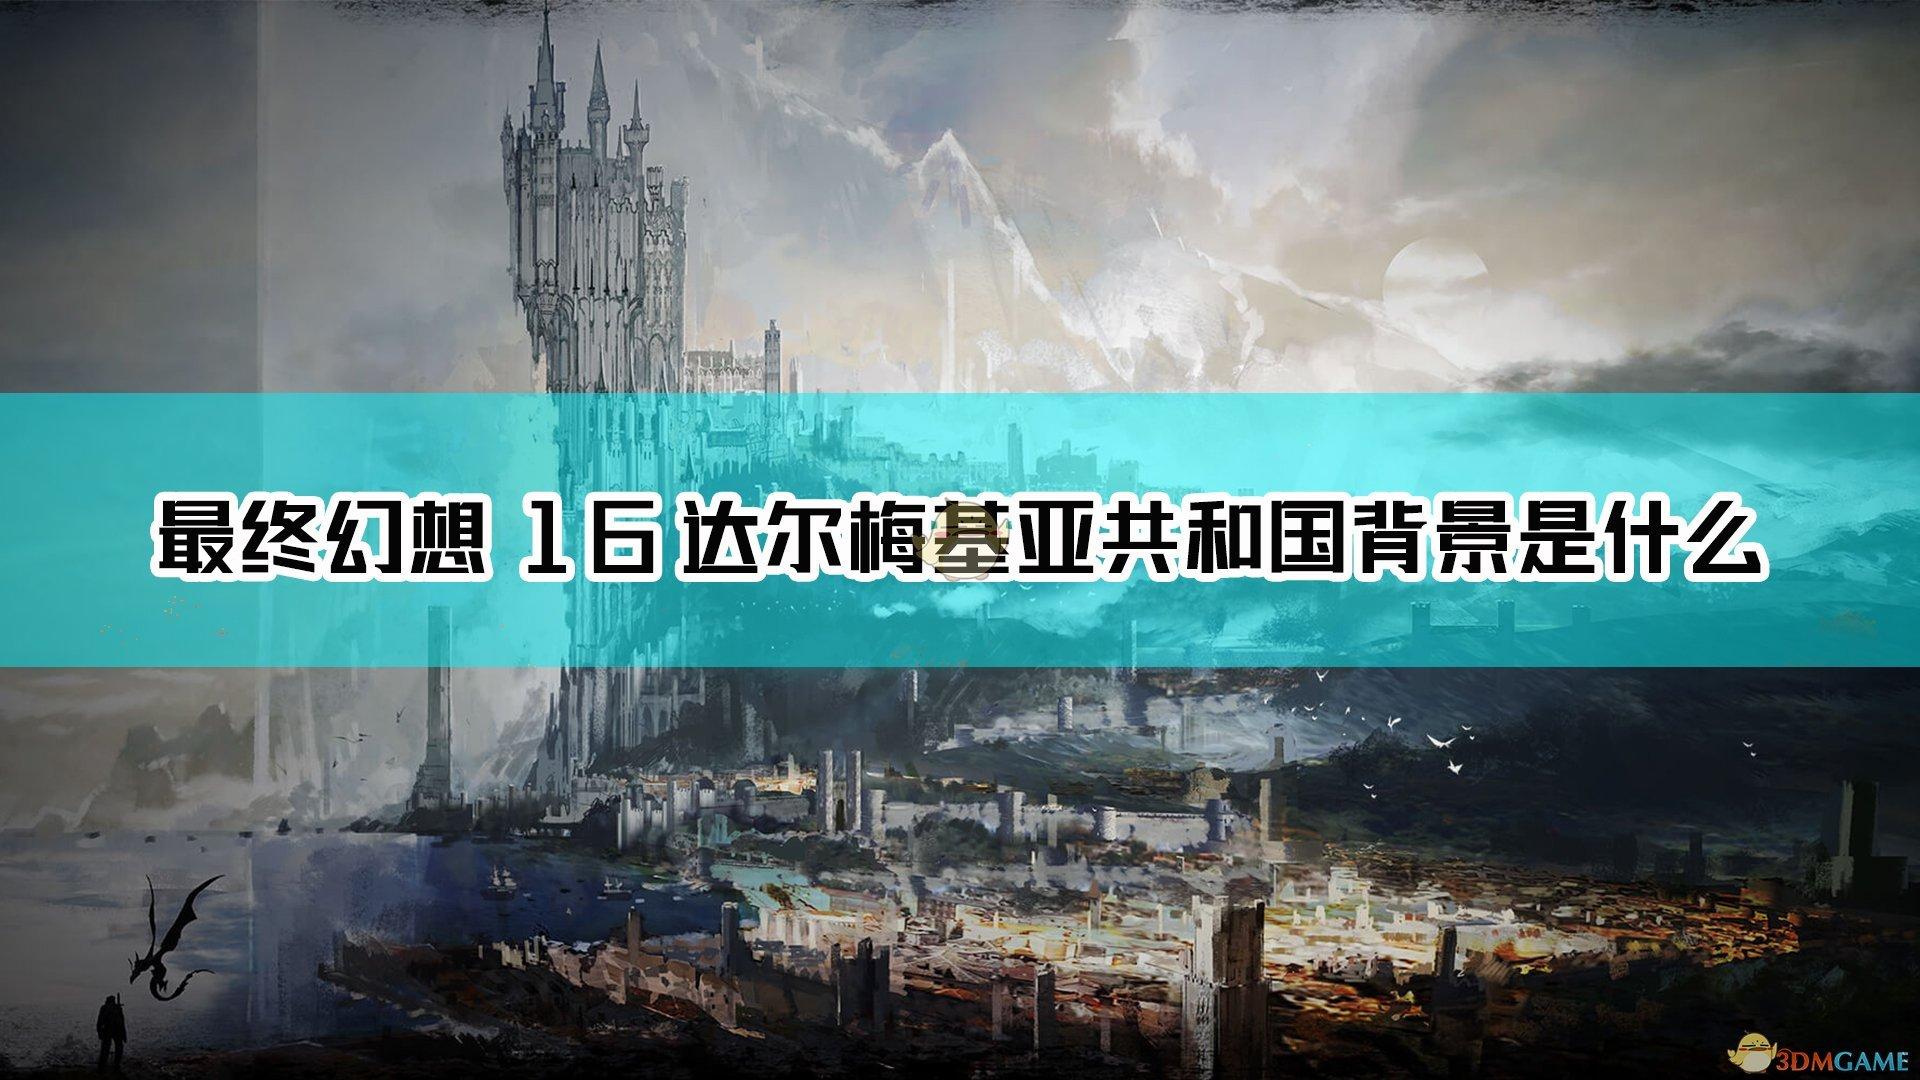 最终幻想16达尔梅基亚共和国背景是什么 Ff16达尔梅基亚共和国背景设定介绍 3dm单机